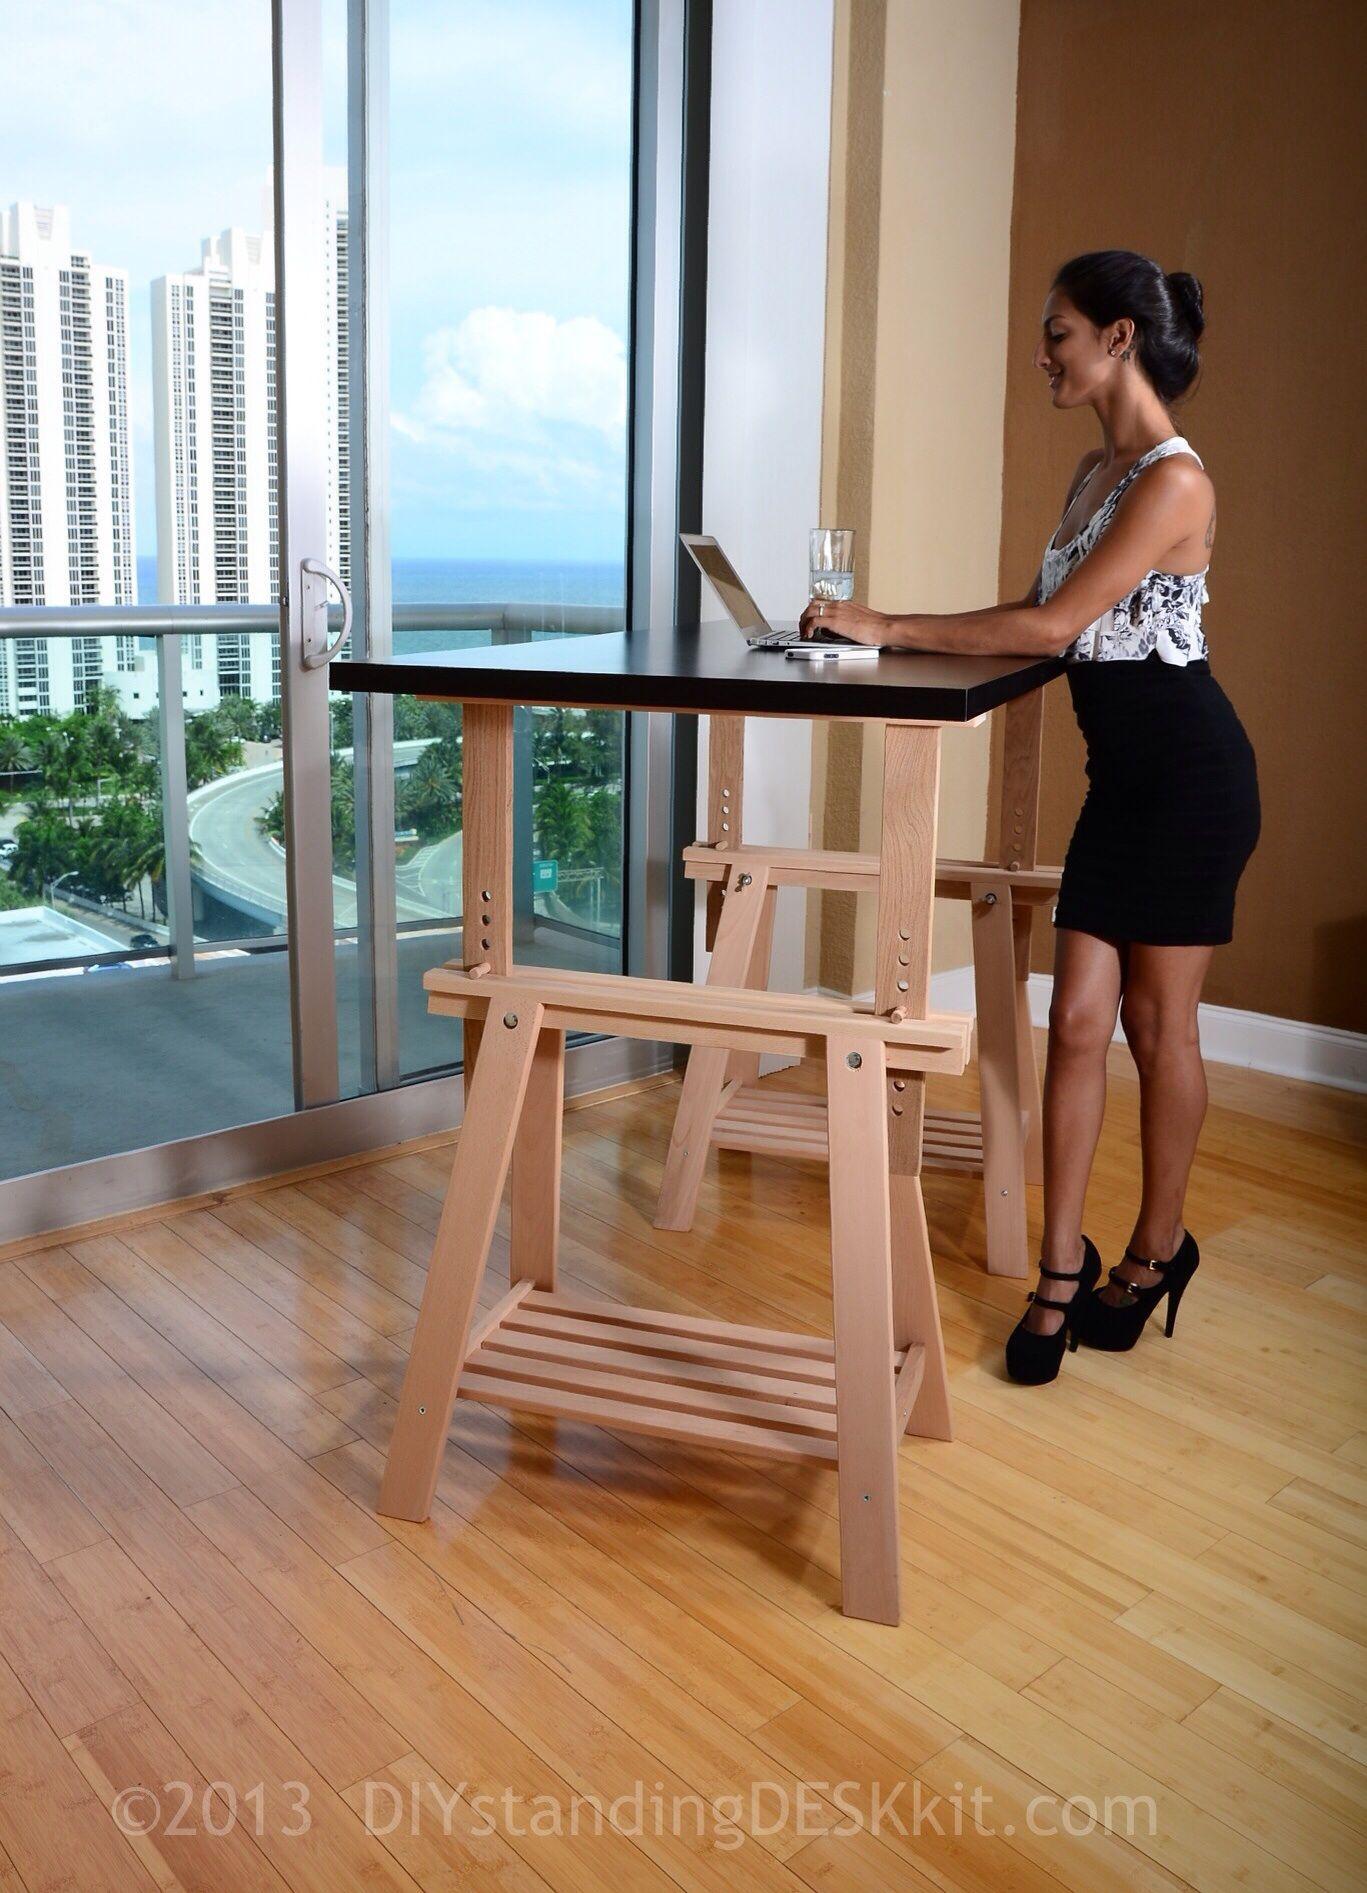 Our Standing Desk Kit In Action Diystandingdeskkit